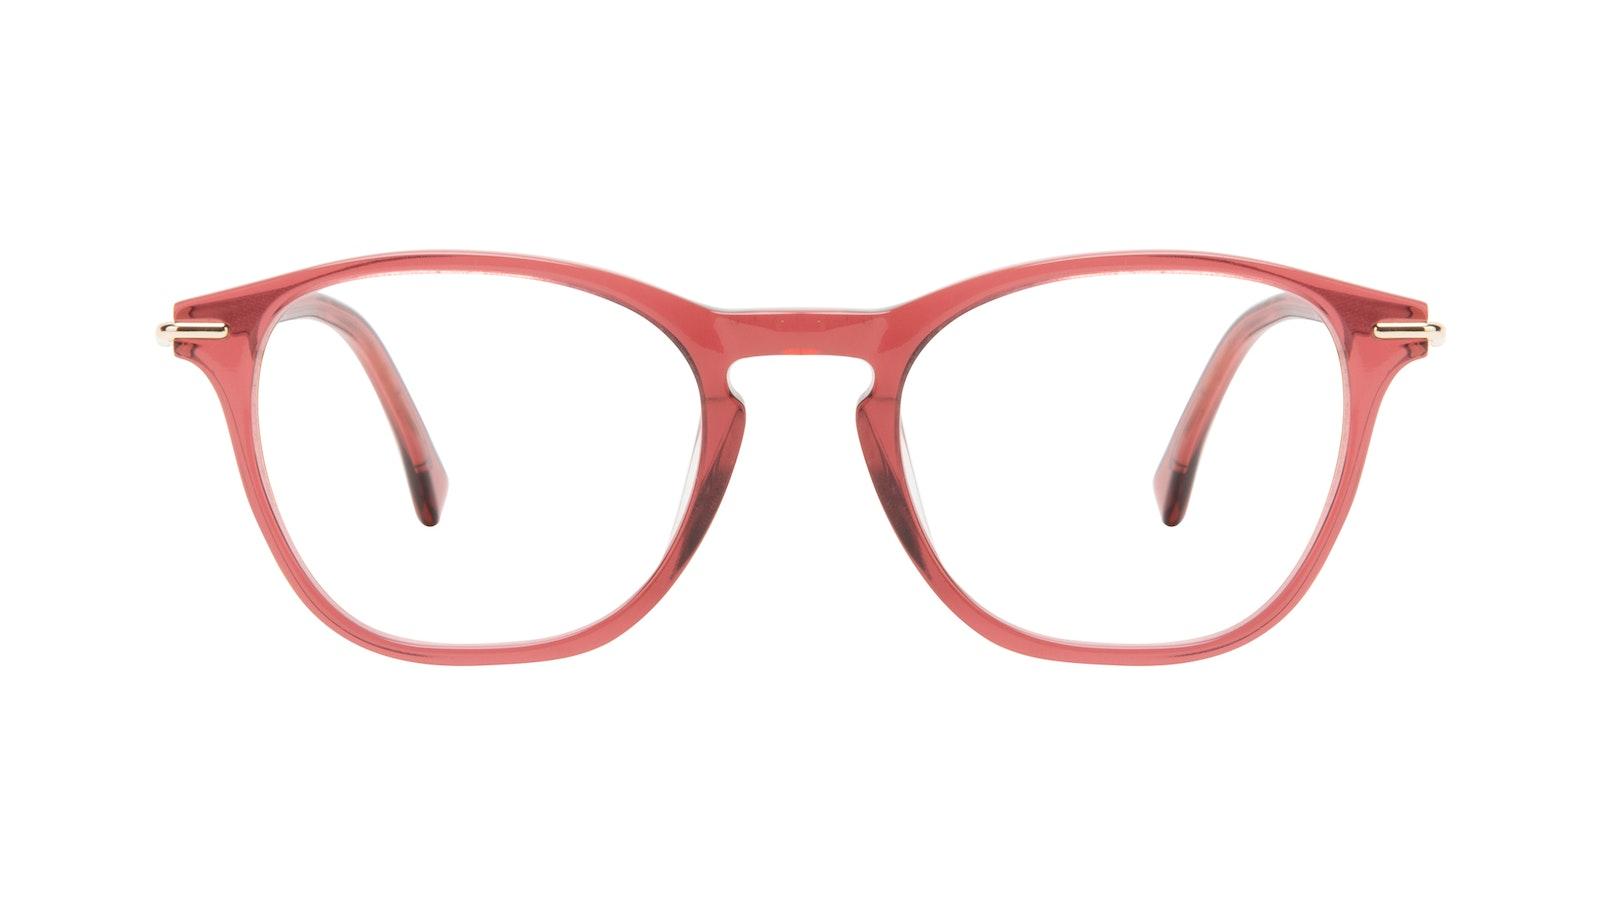 Lunettes tendance Carrée Lunettes de vue Femmes Charming Cherry